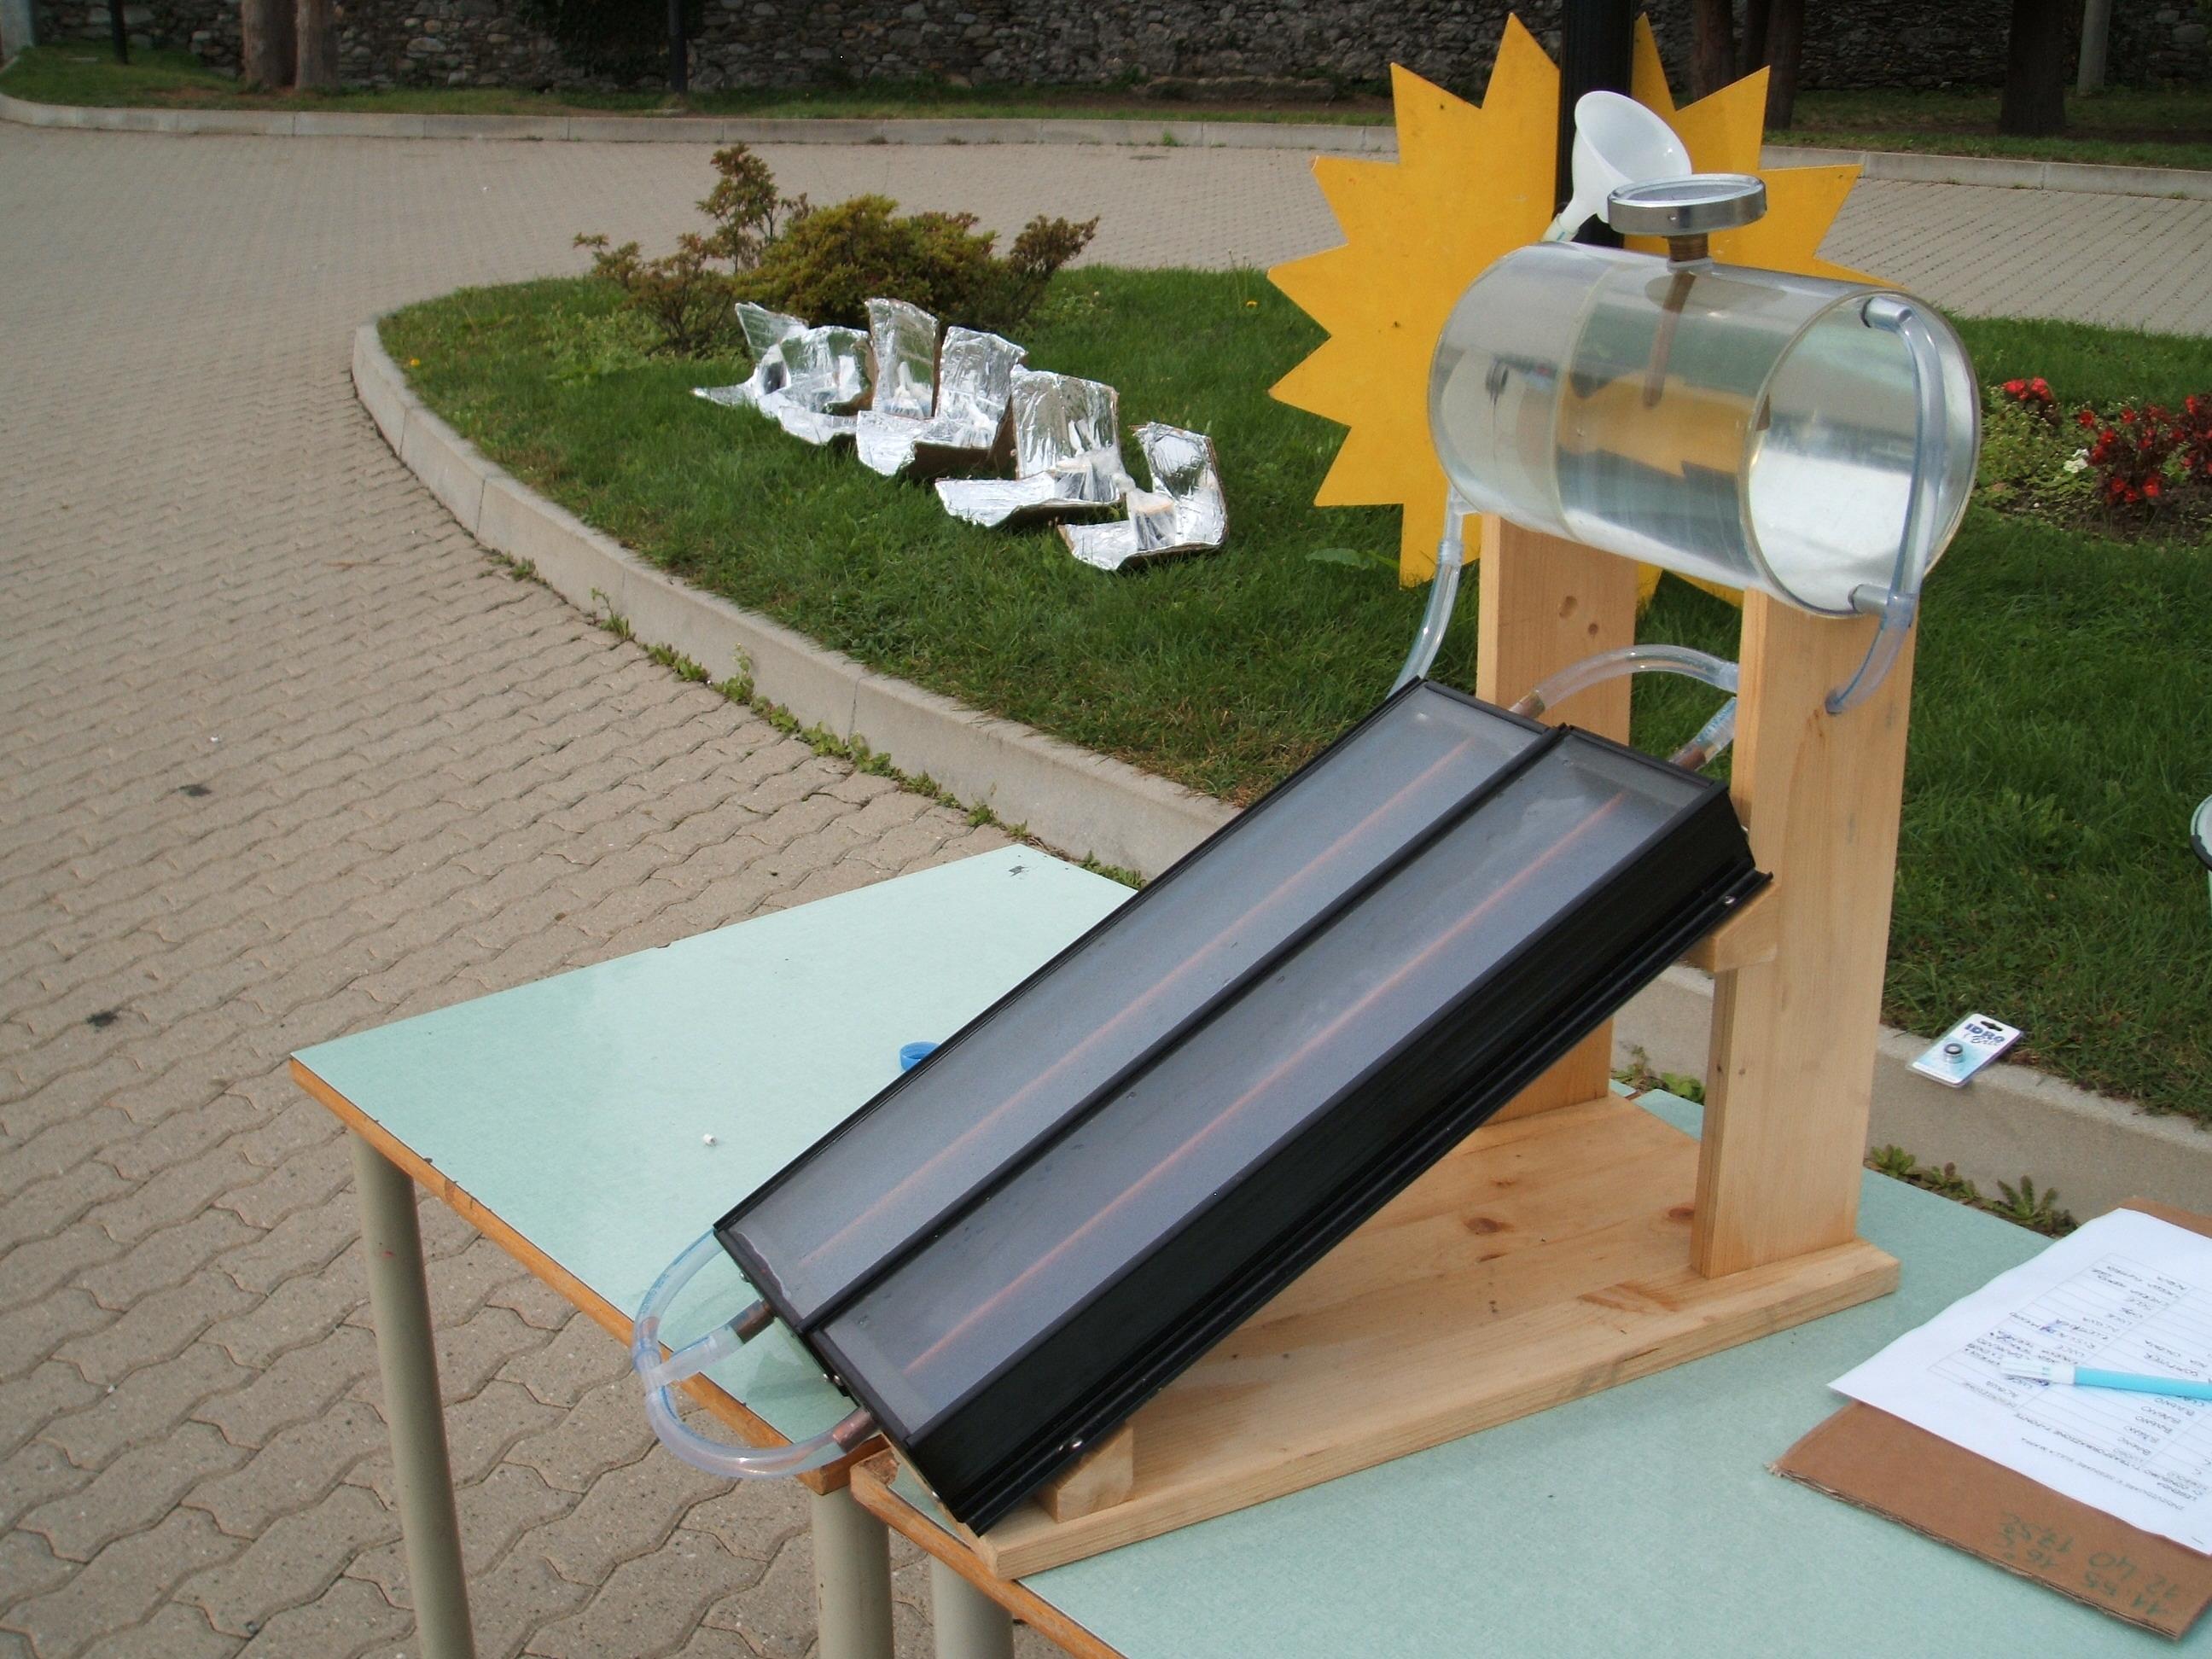 Kit Pannello Solare Acqua : Progetto risparmio energetico pannelli solari termici